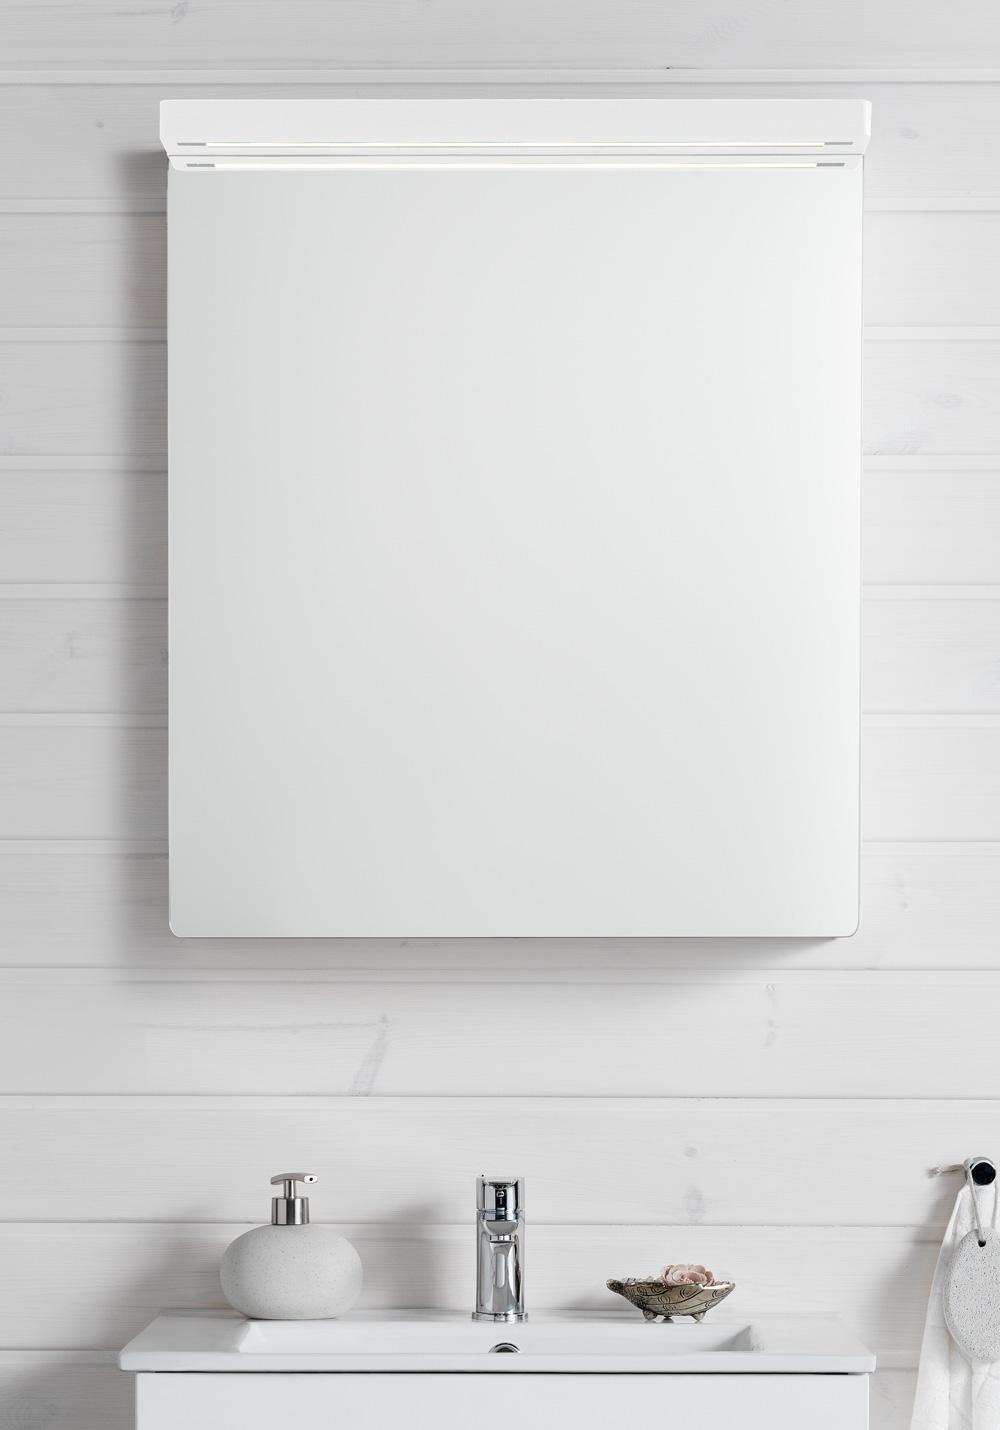 Badrumsskåp & speglar   hafa badrum